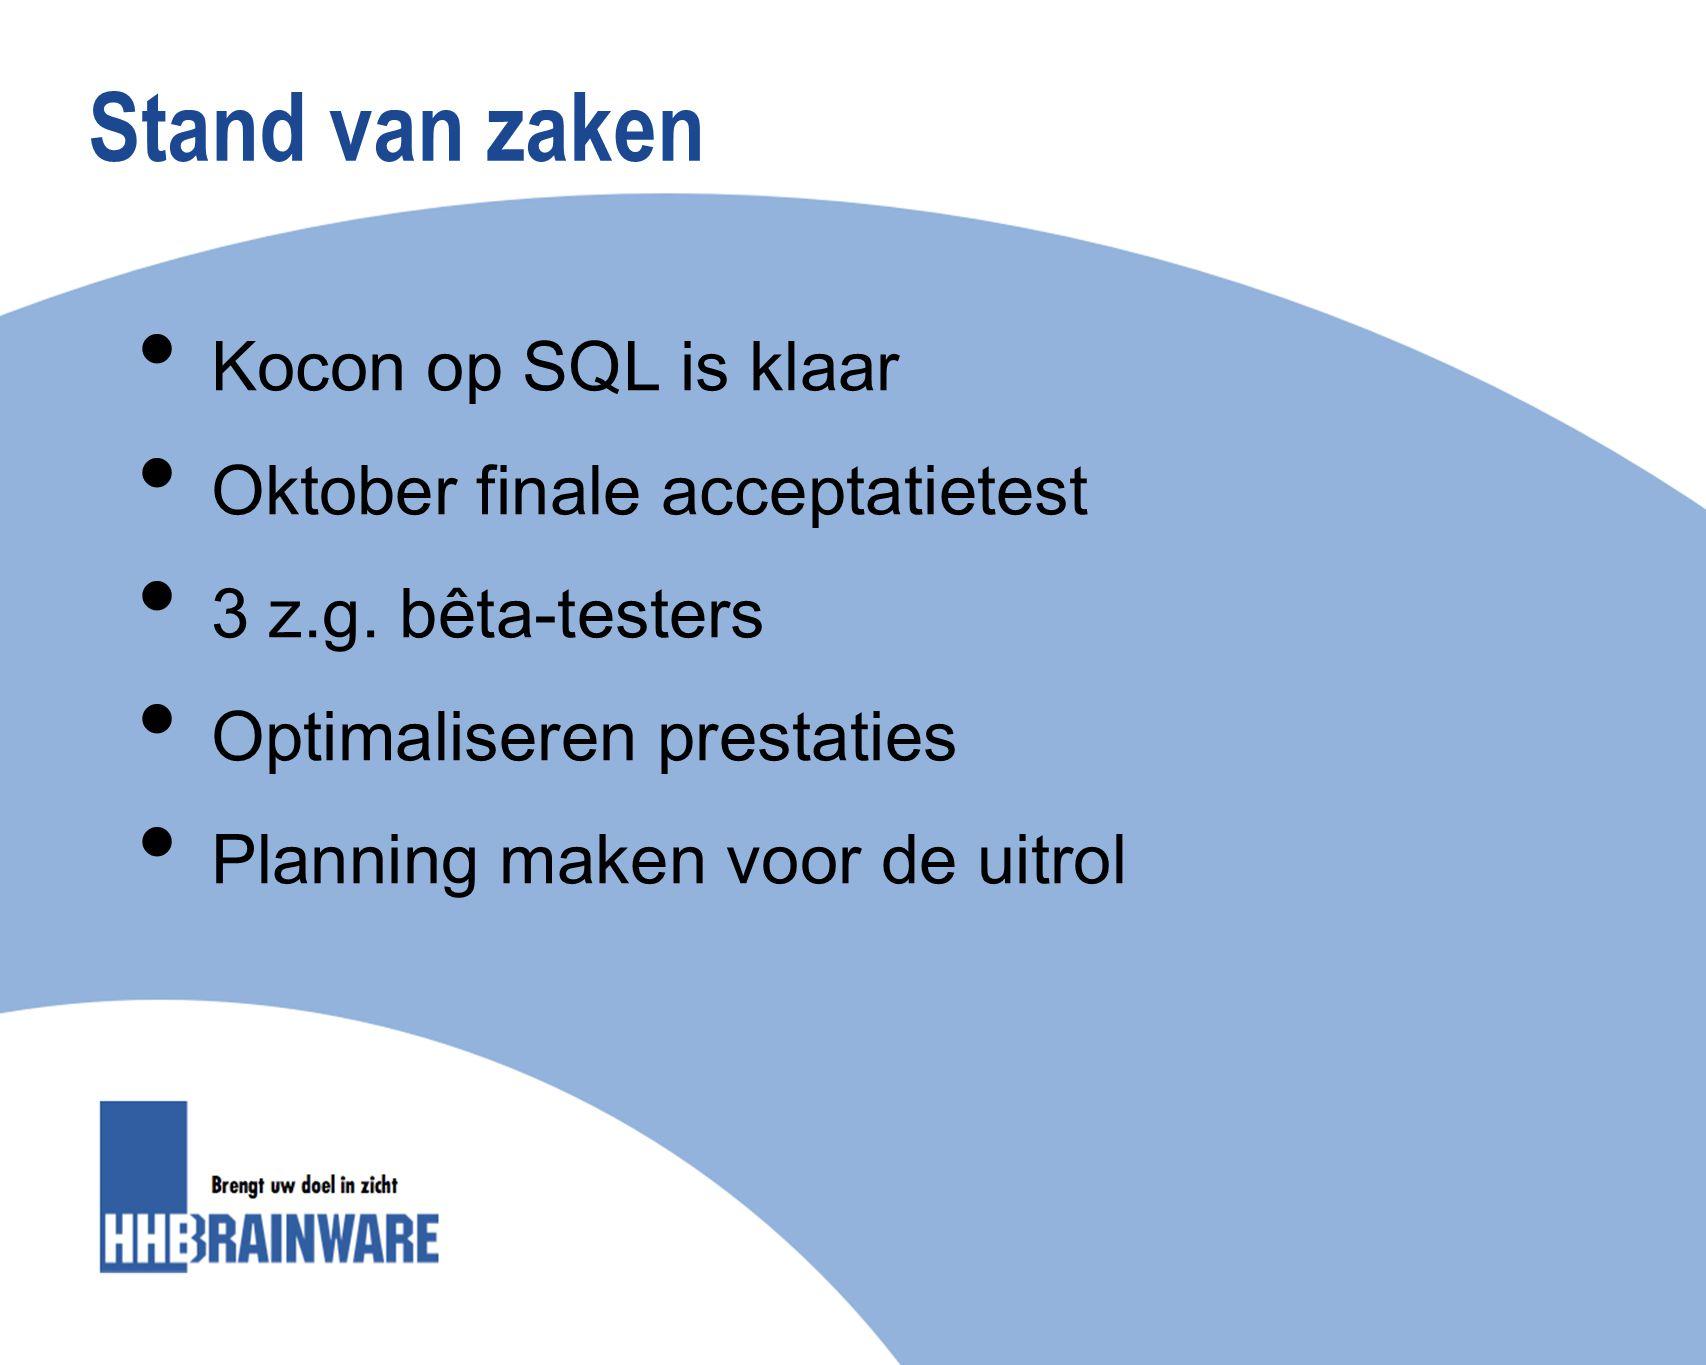 Stand van zaken Kocon op SQL is klaar Oktober finale acceptatietest 3 z.g. bêta-testers Optimaliseren prestaties Planning maken voor de uitrol